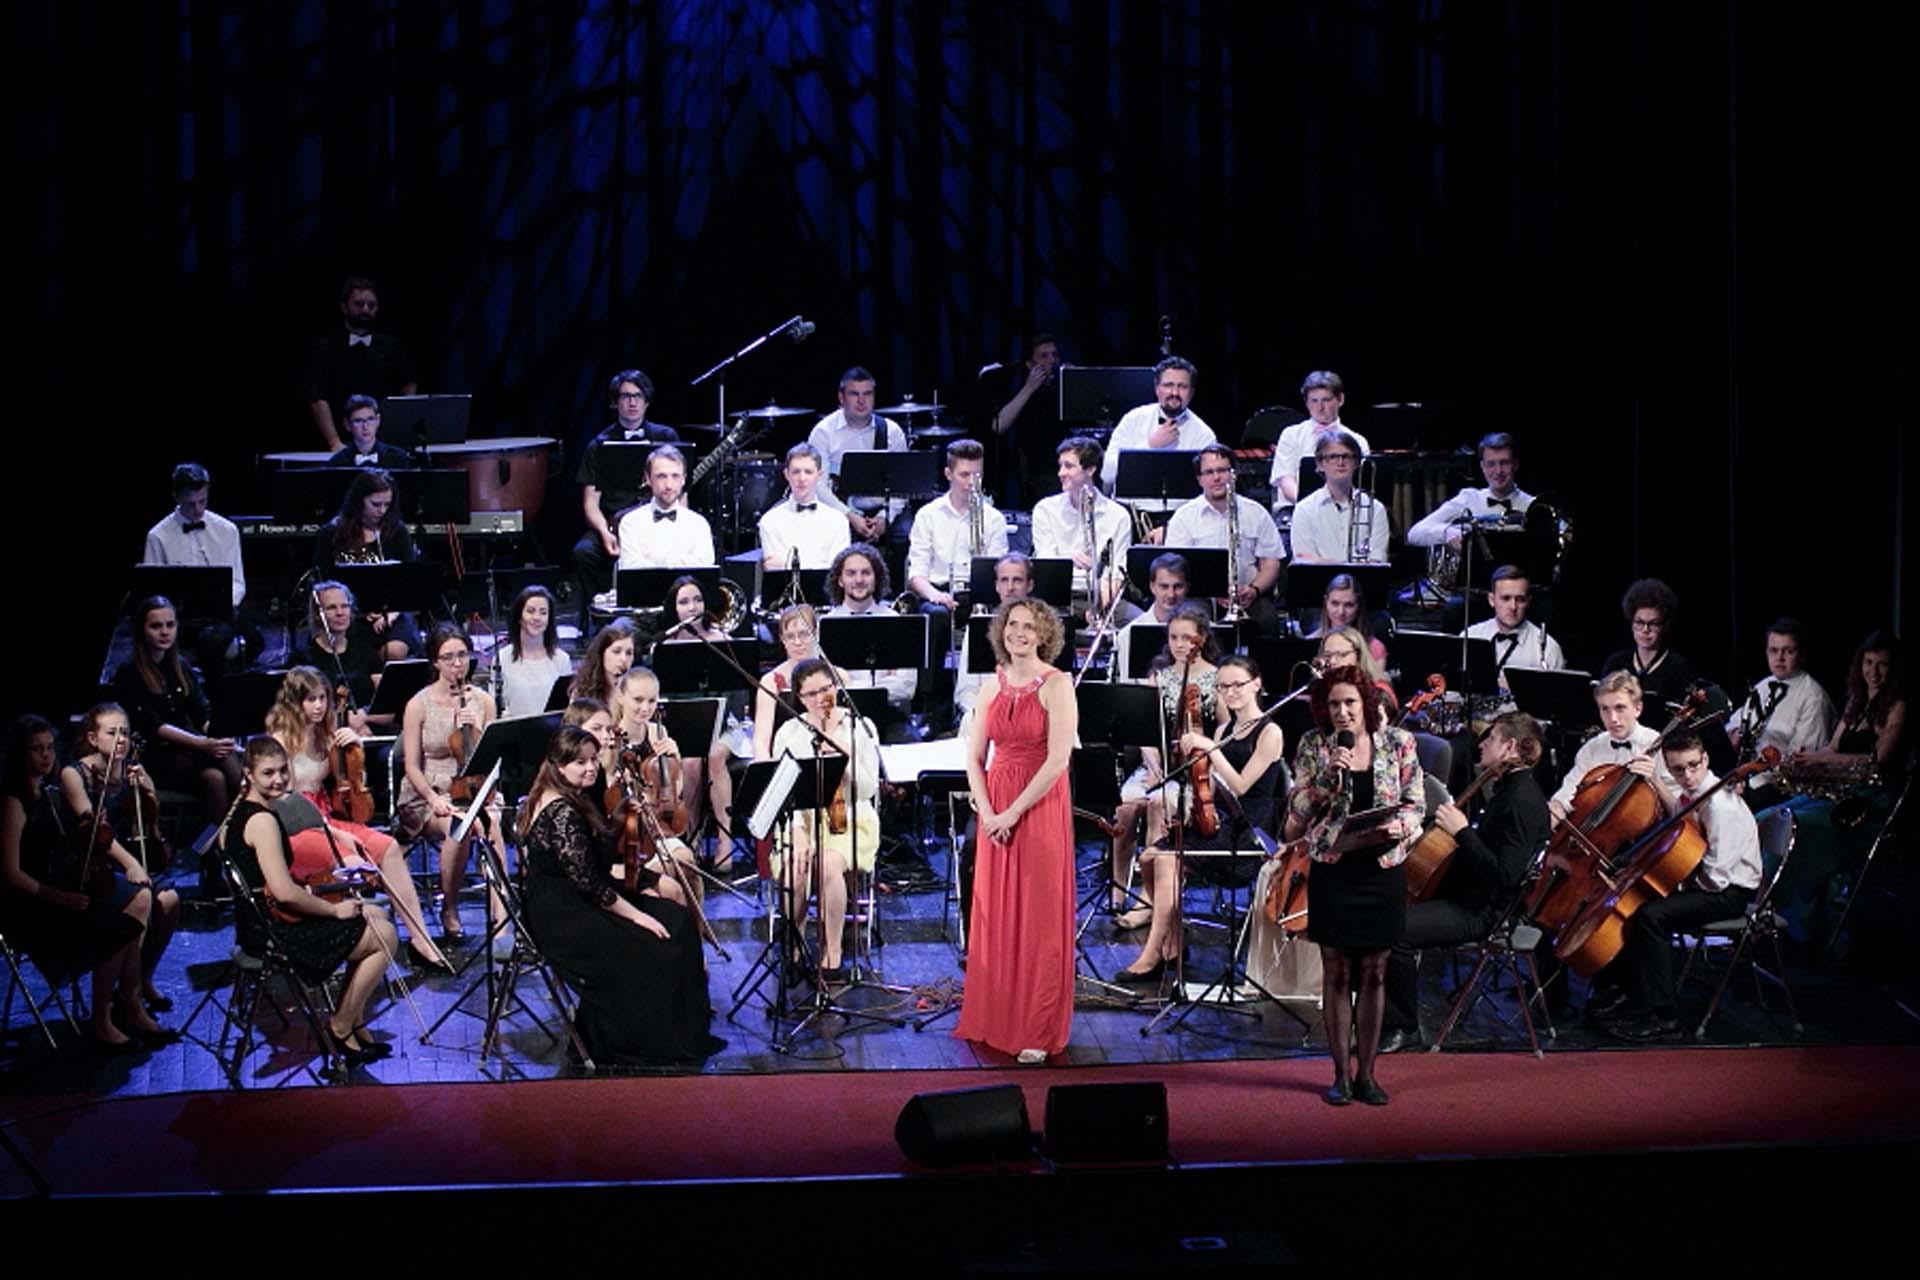 Police Symphony Orchestra - Jičín 2018